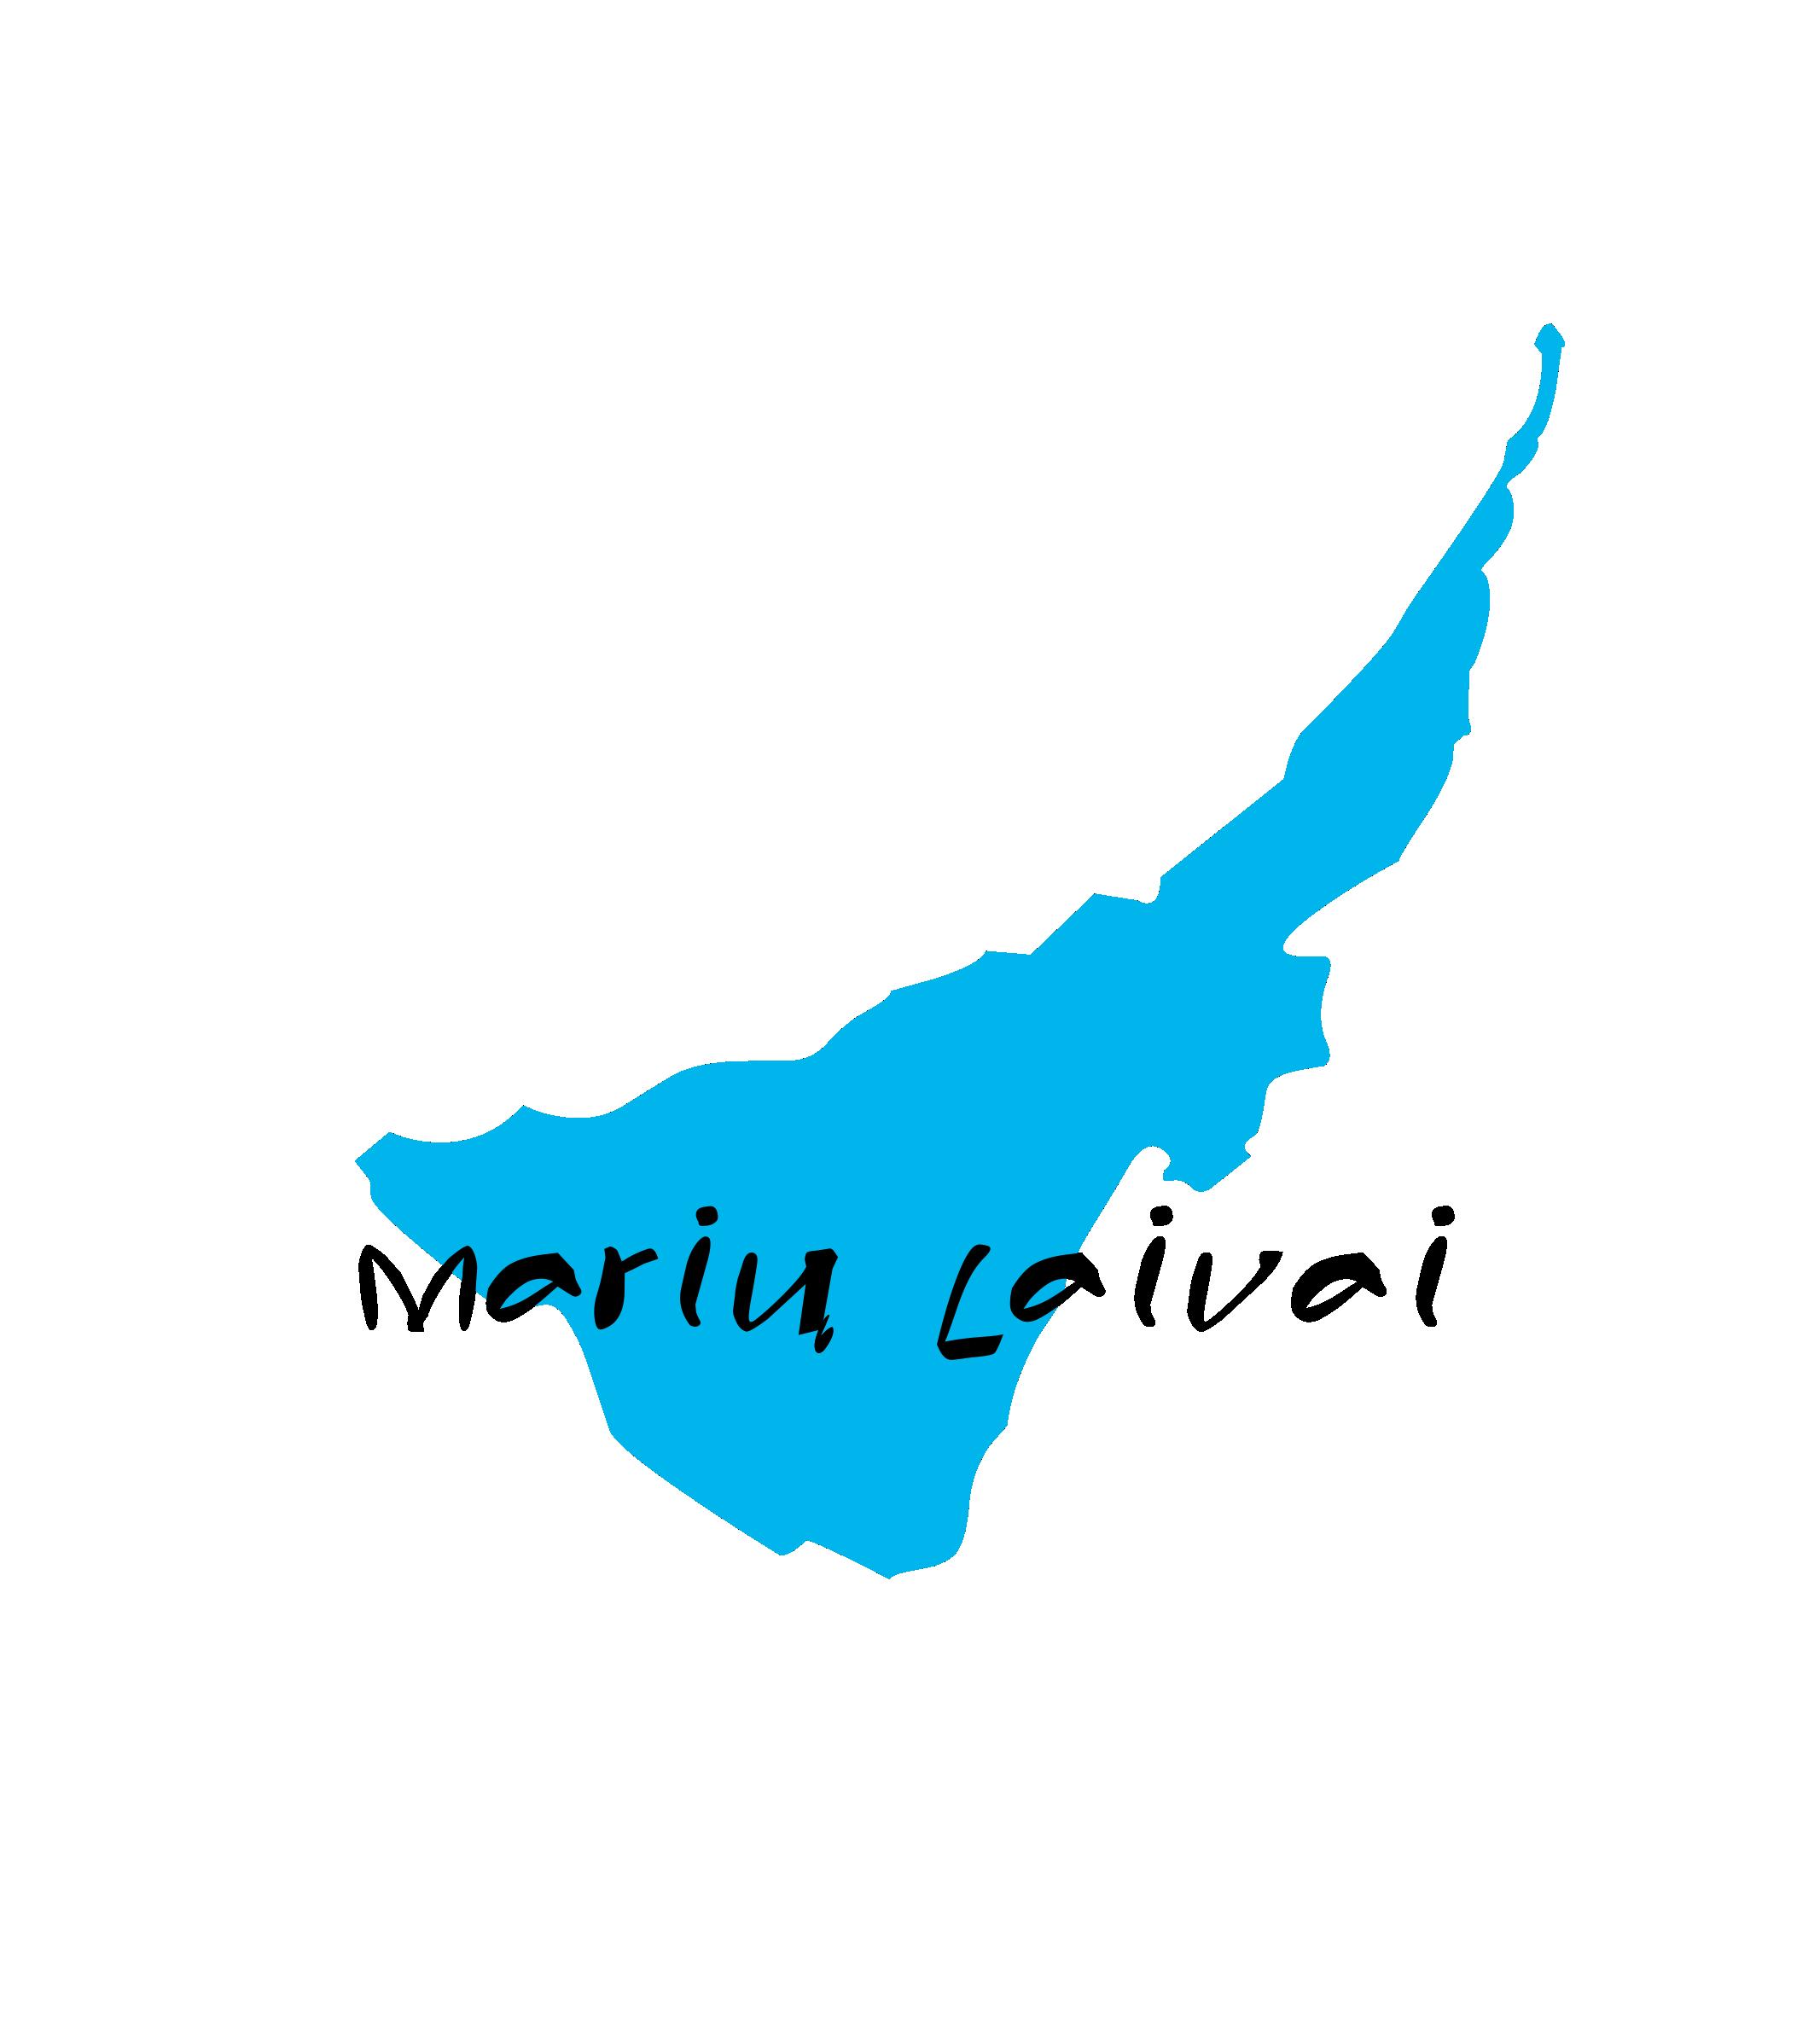 Mariu Laivai